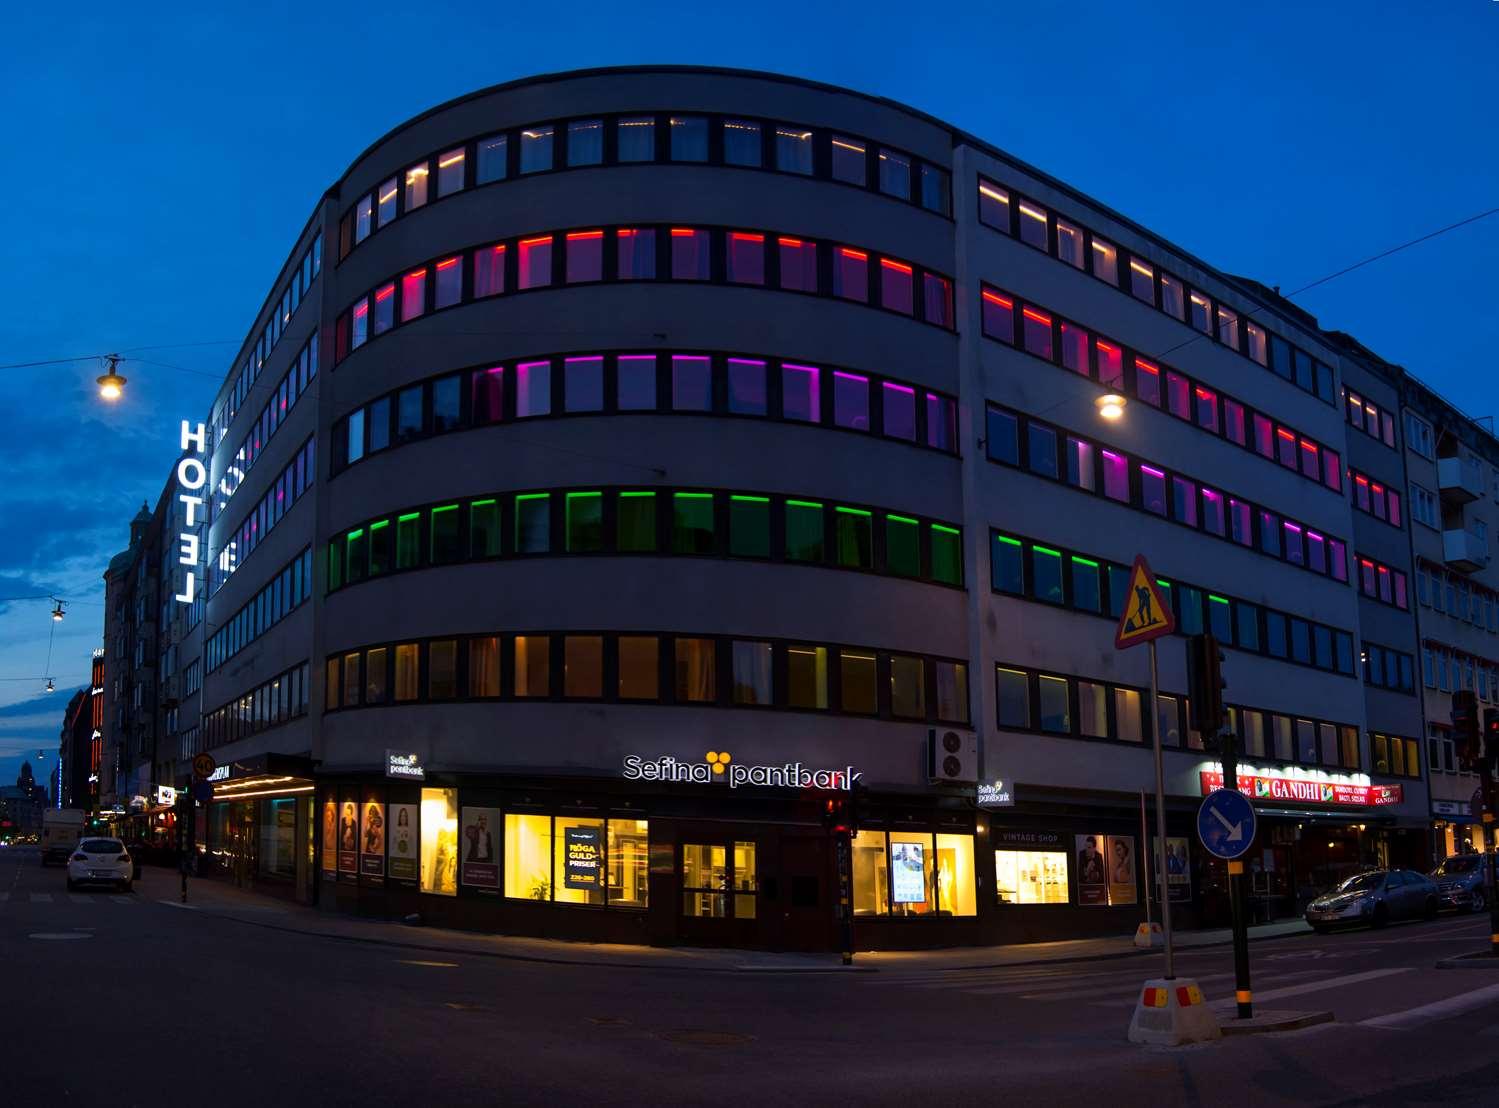 Mi a Stockholmban naponta. Stockholm látnivalói